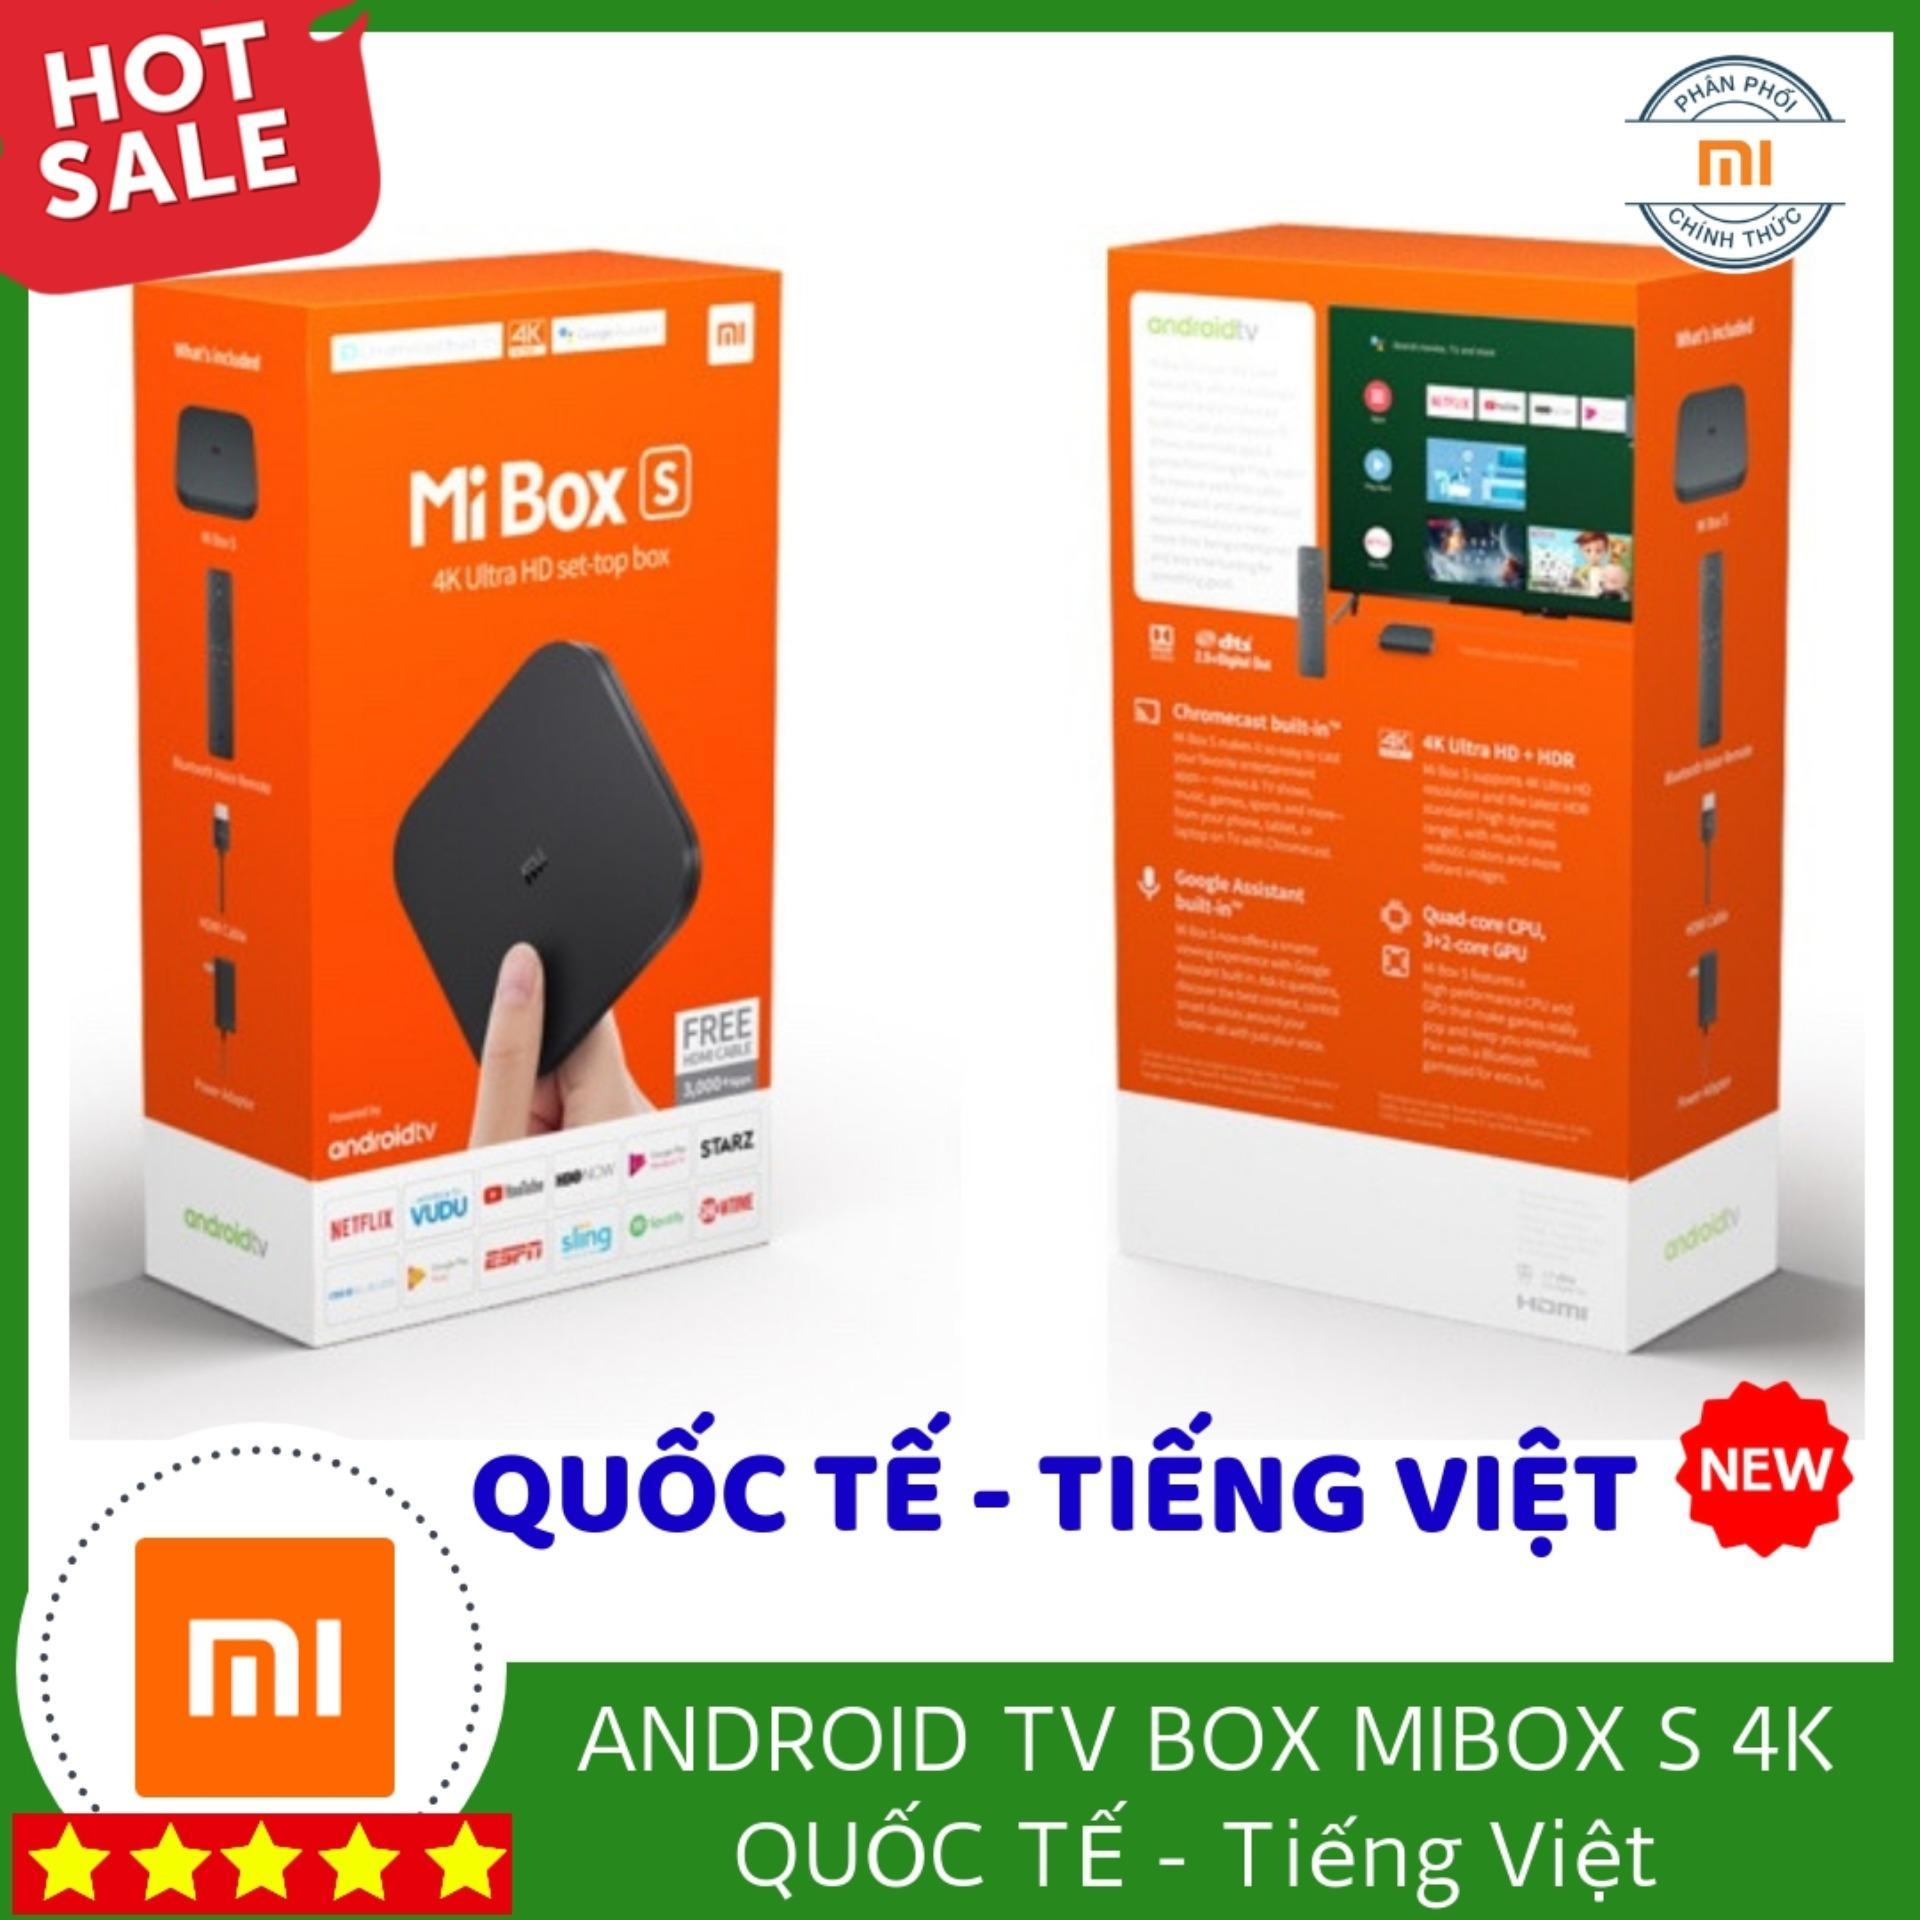 Bảng giá Android Tivi Box Xiaomi Mibox 3 4K Global Quốc Tế Tiếng Việt